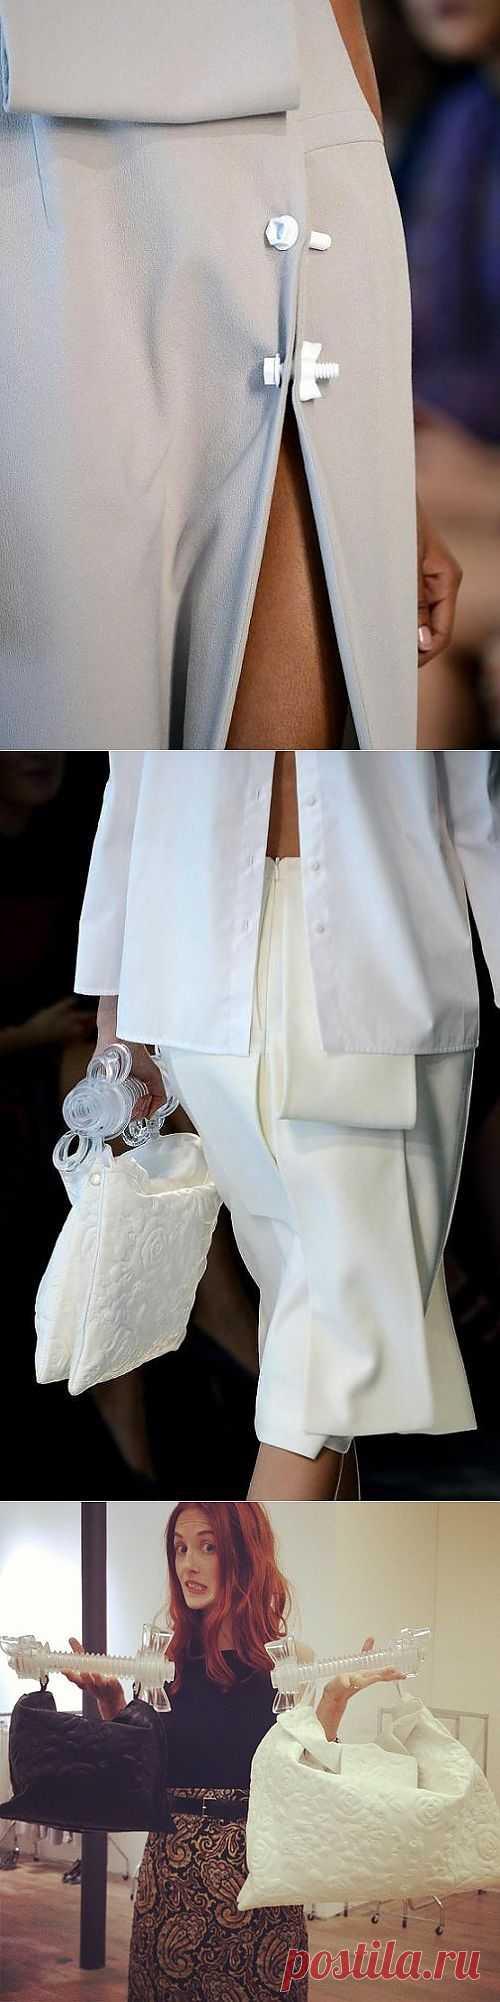 Застегнуться на болты! / Декор / Модный сайт о стильной переделке одежды и интерьера